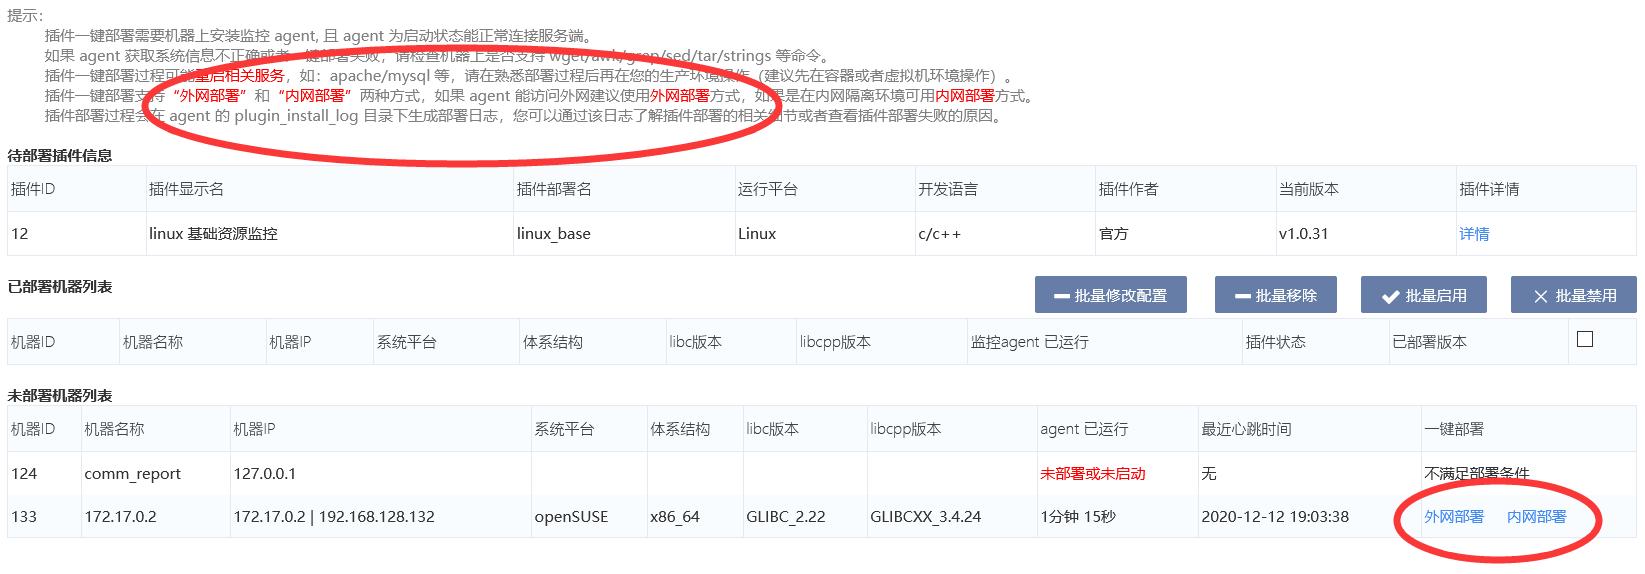 云监控开源 v3.2 发布